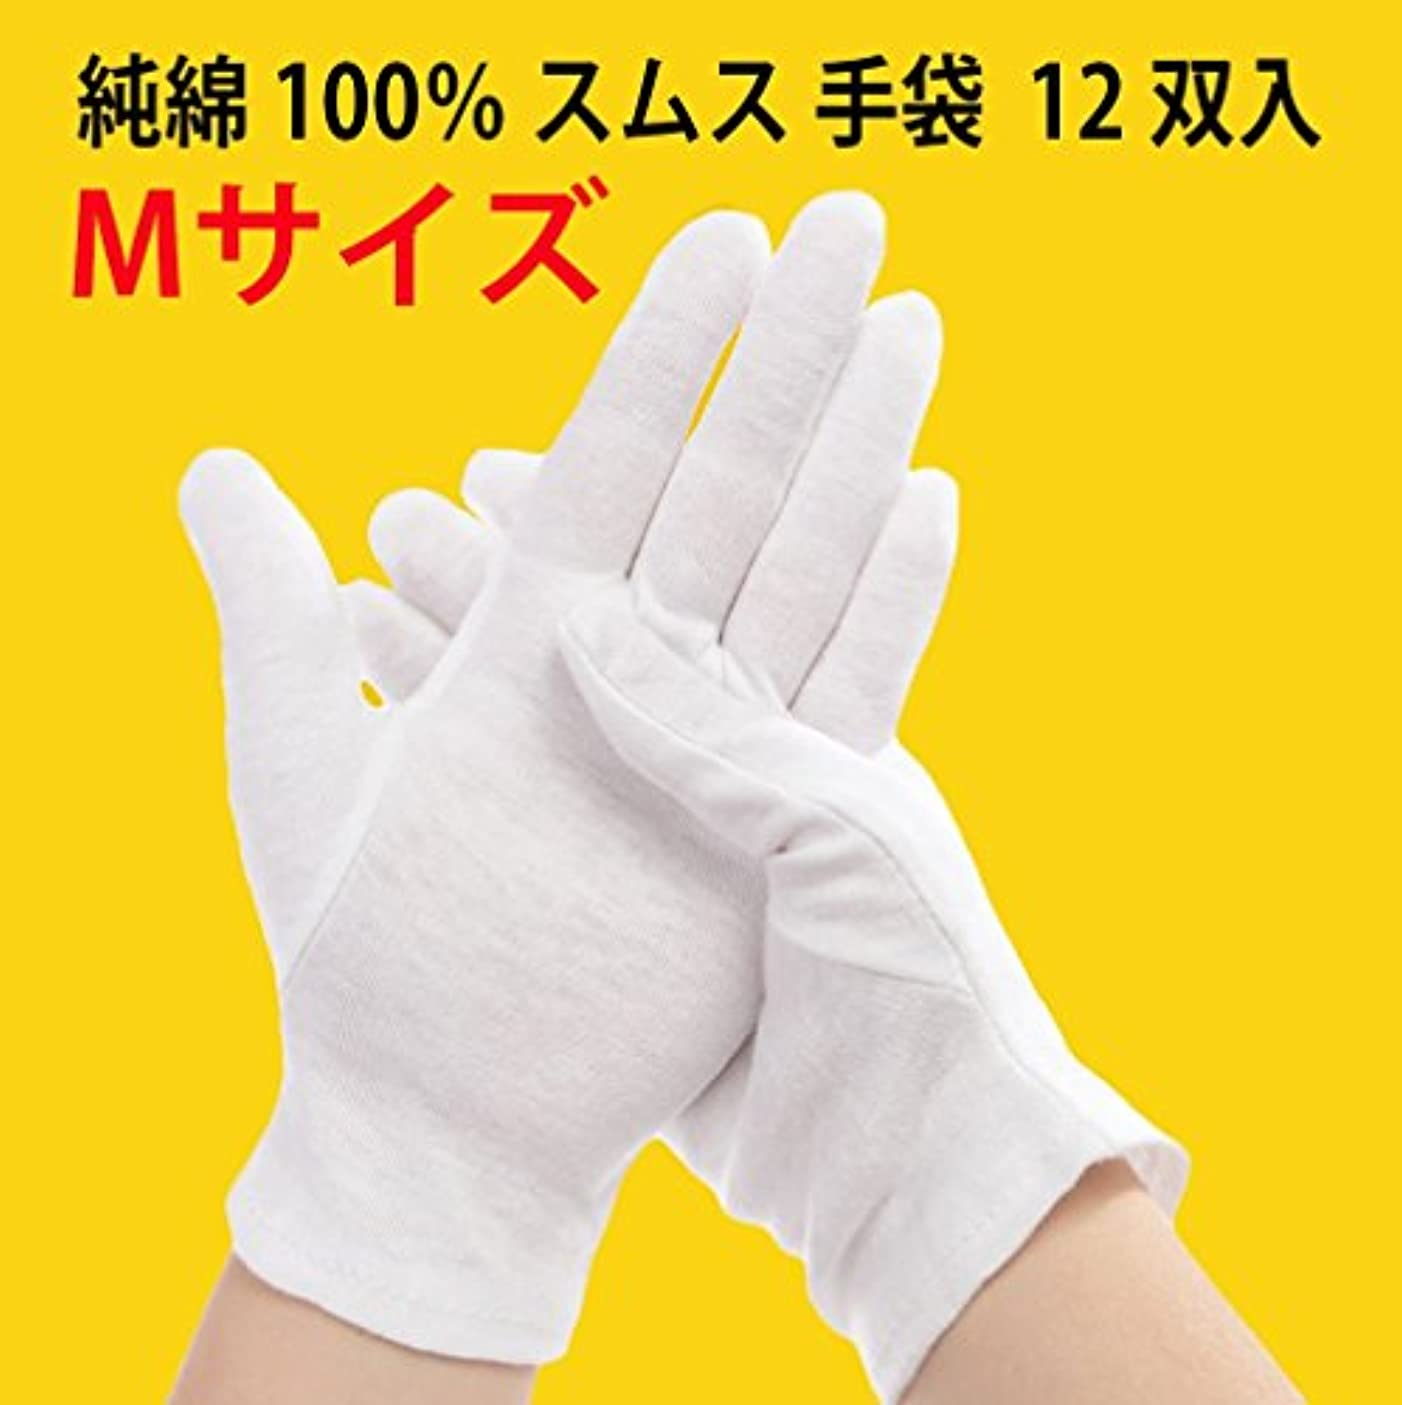 洞察力コテージハム純綿100% スムス 手袋 Mサイズ 12双 多用途 101115